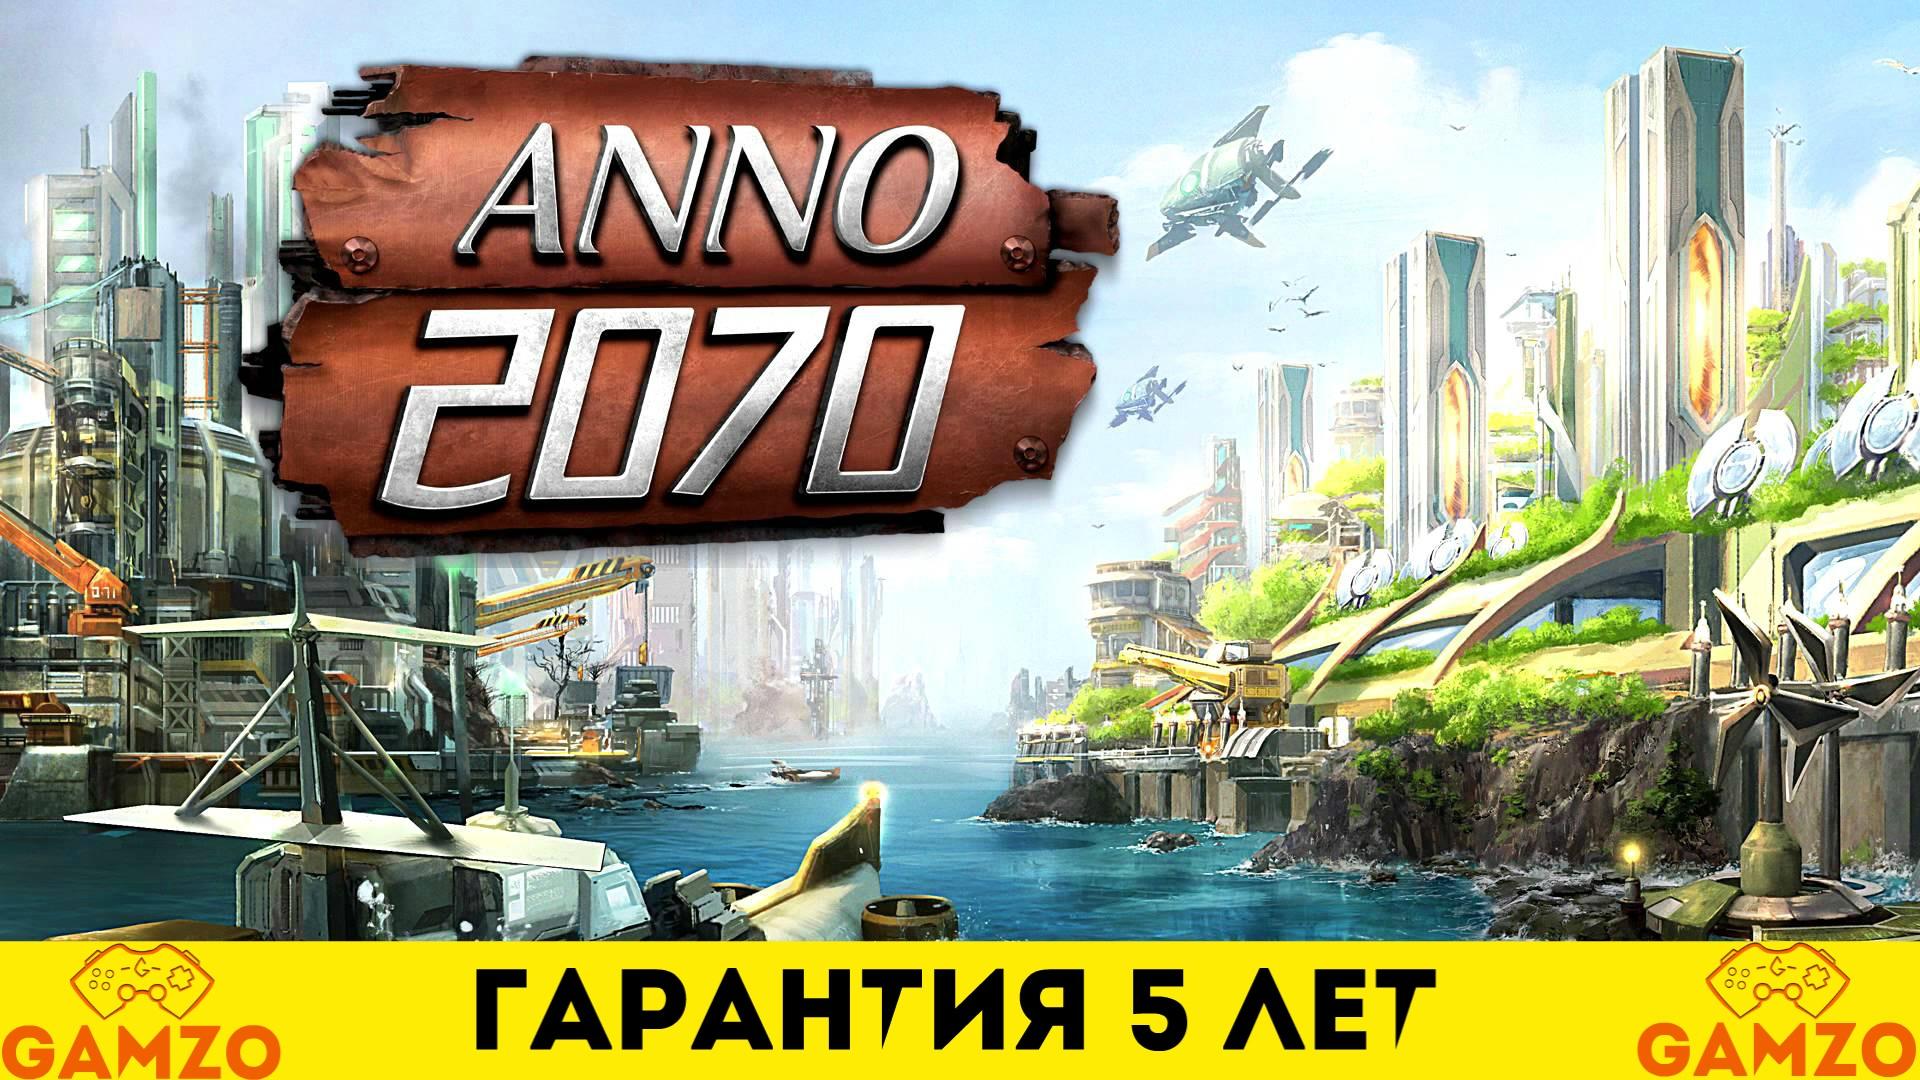 Anno 2070 [Гарантия 5 лет] + Подарок